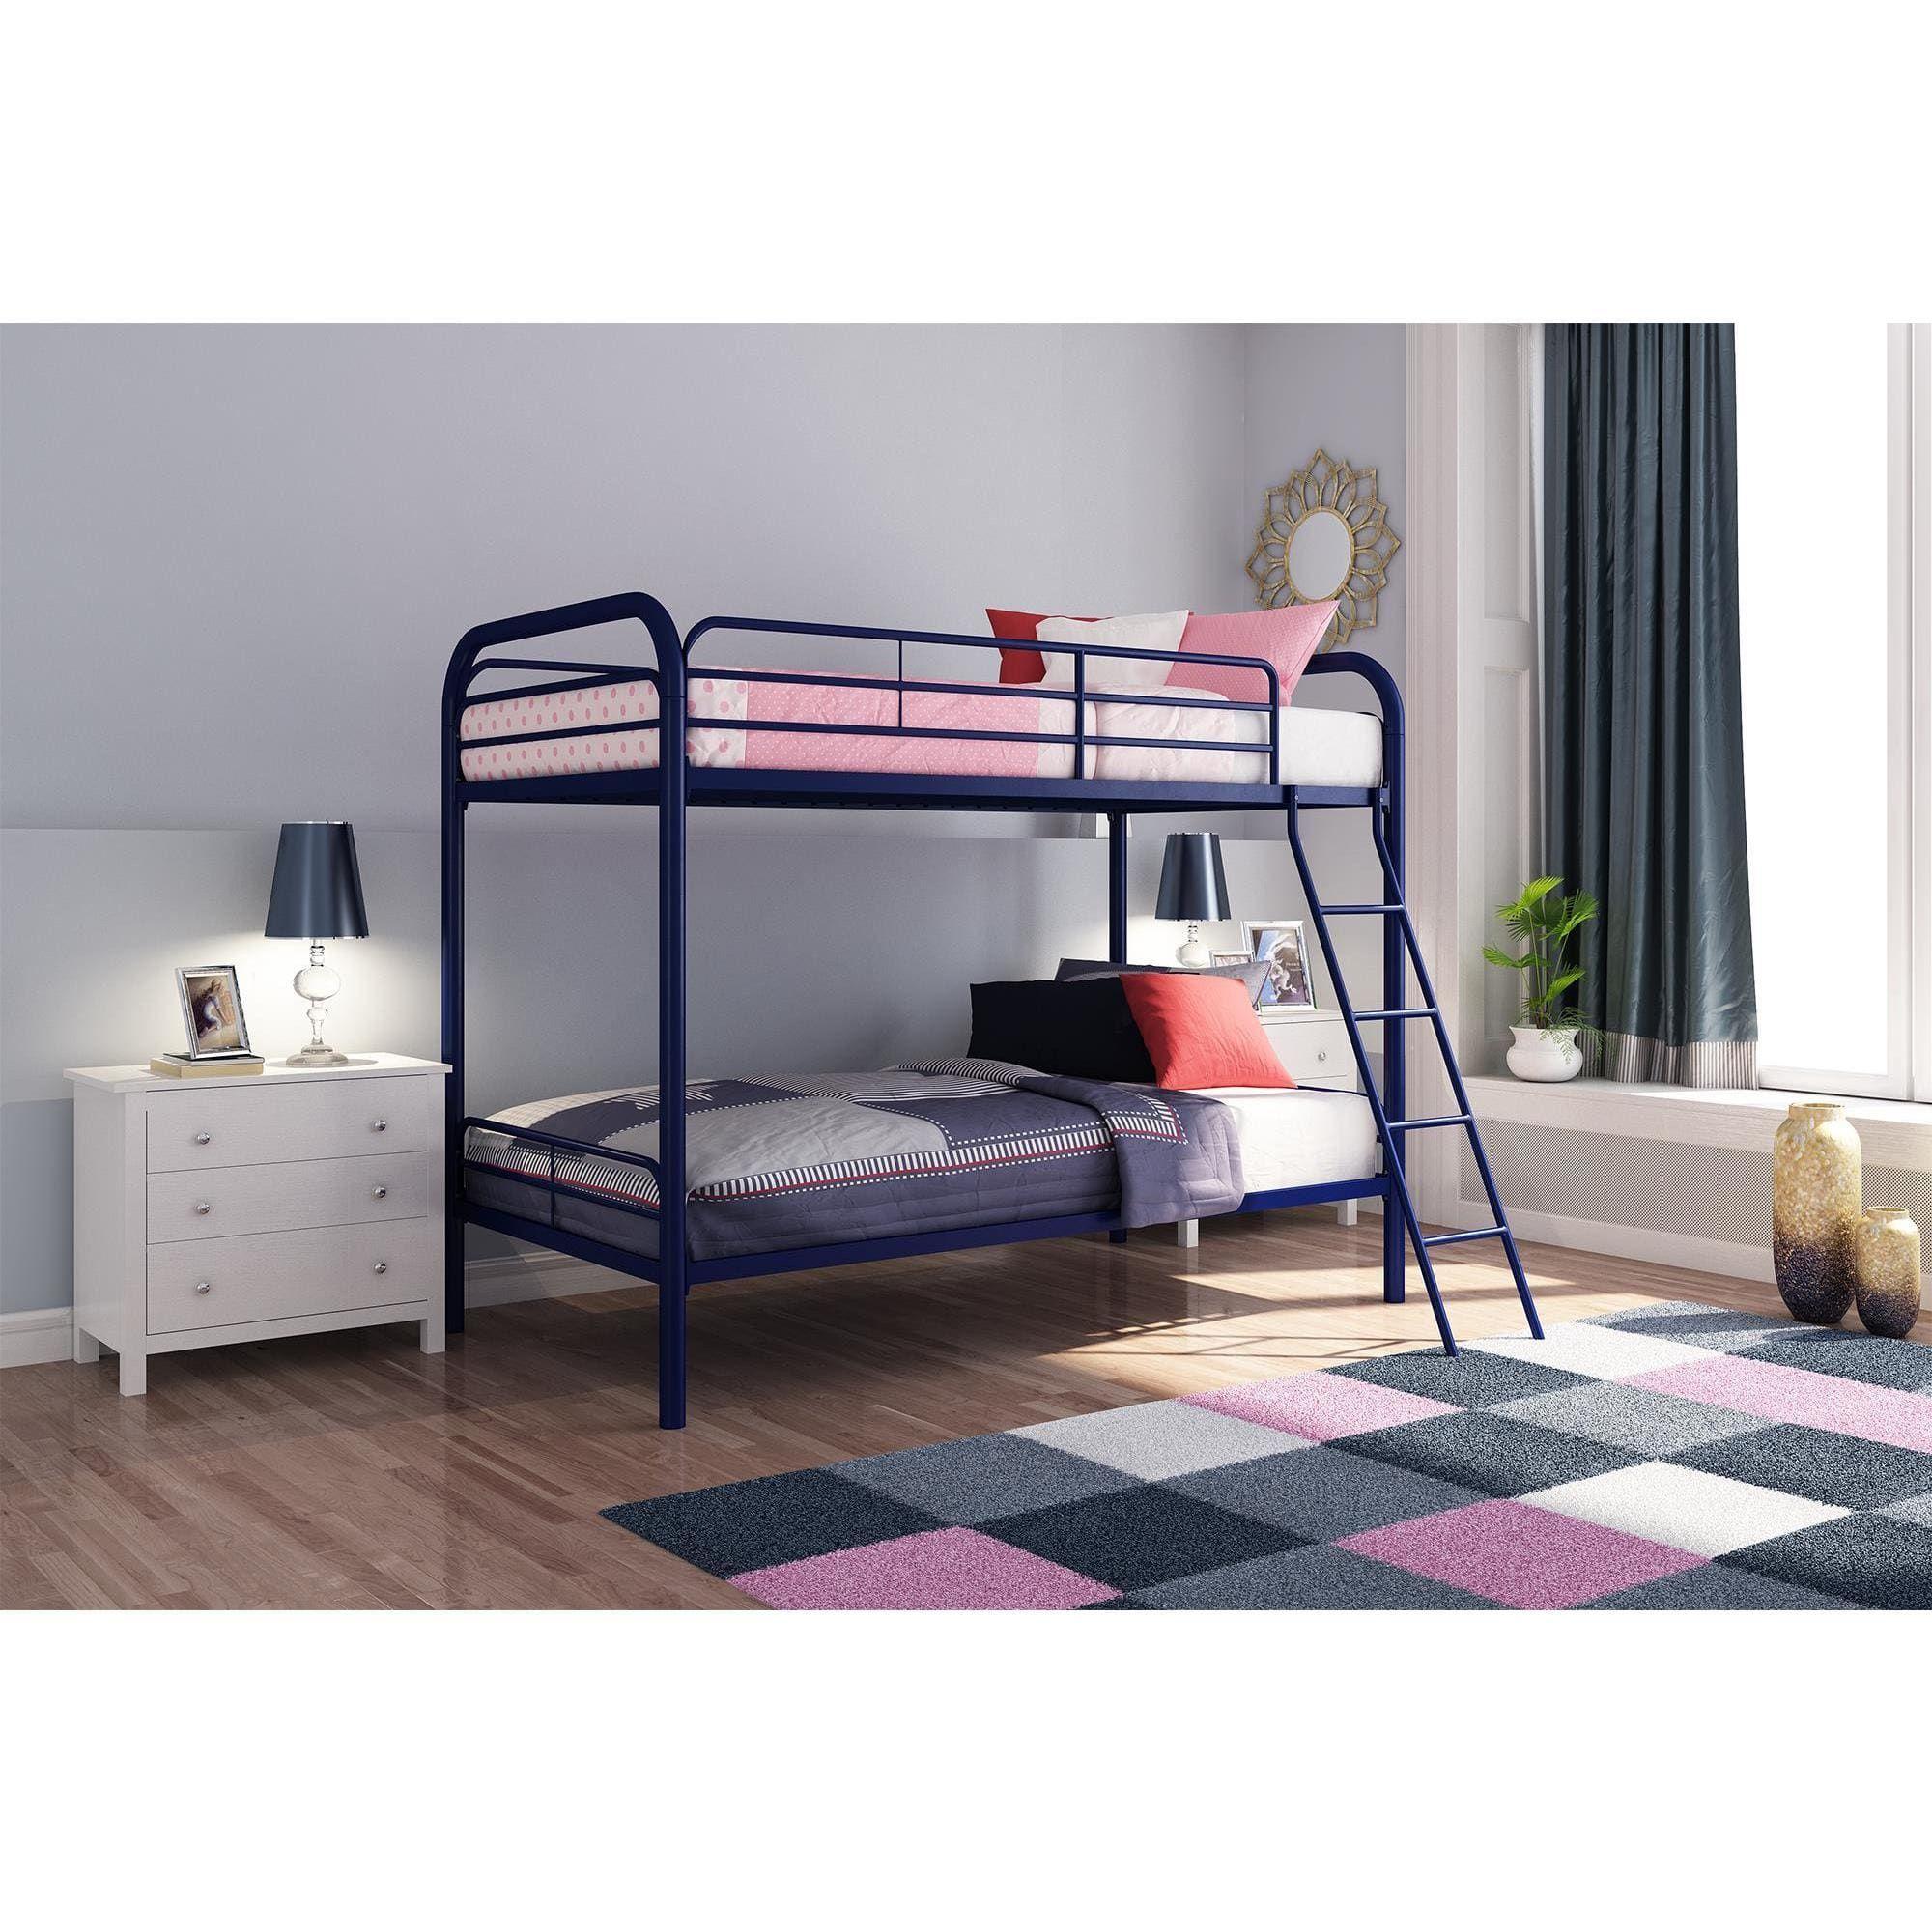 Edison Twin Over Twin Metal Bunk Bed Metal Bunk Beds Bunk Beds Twin Bunk Beds